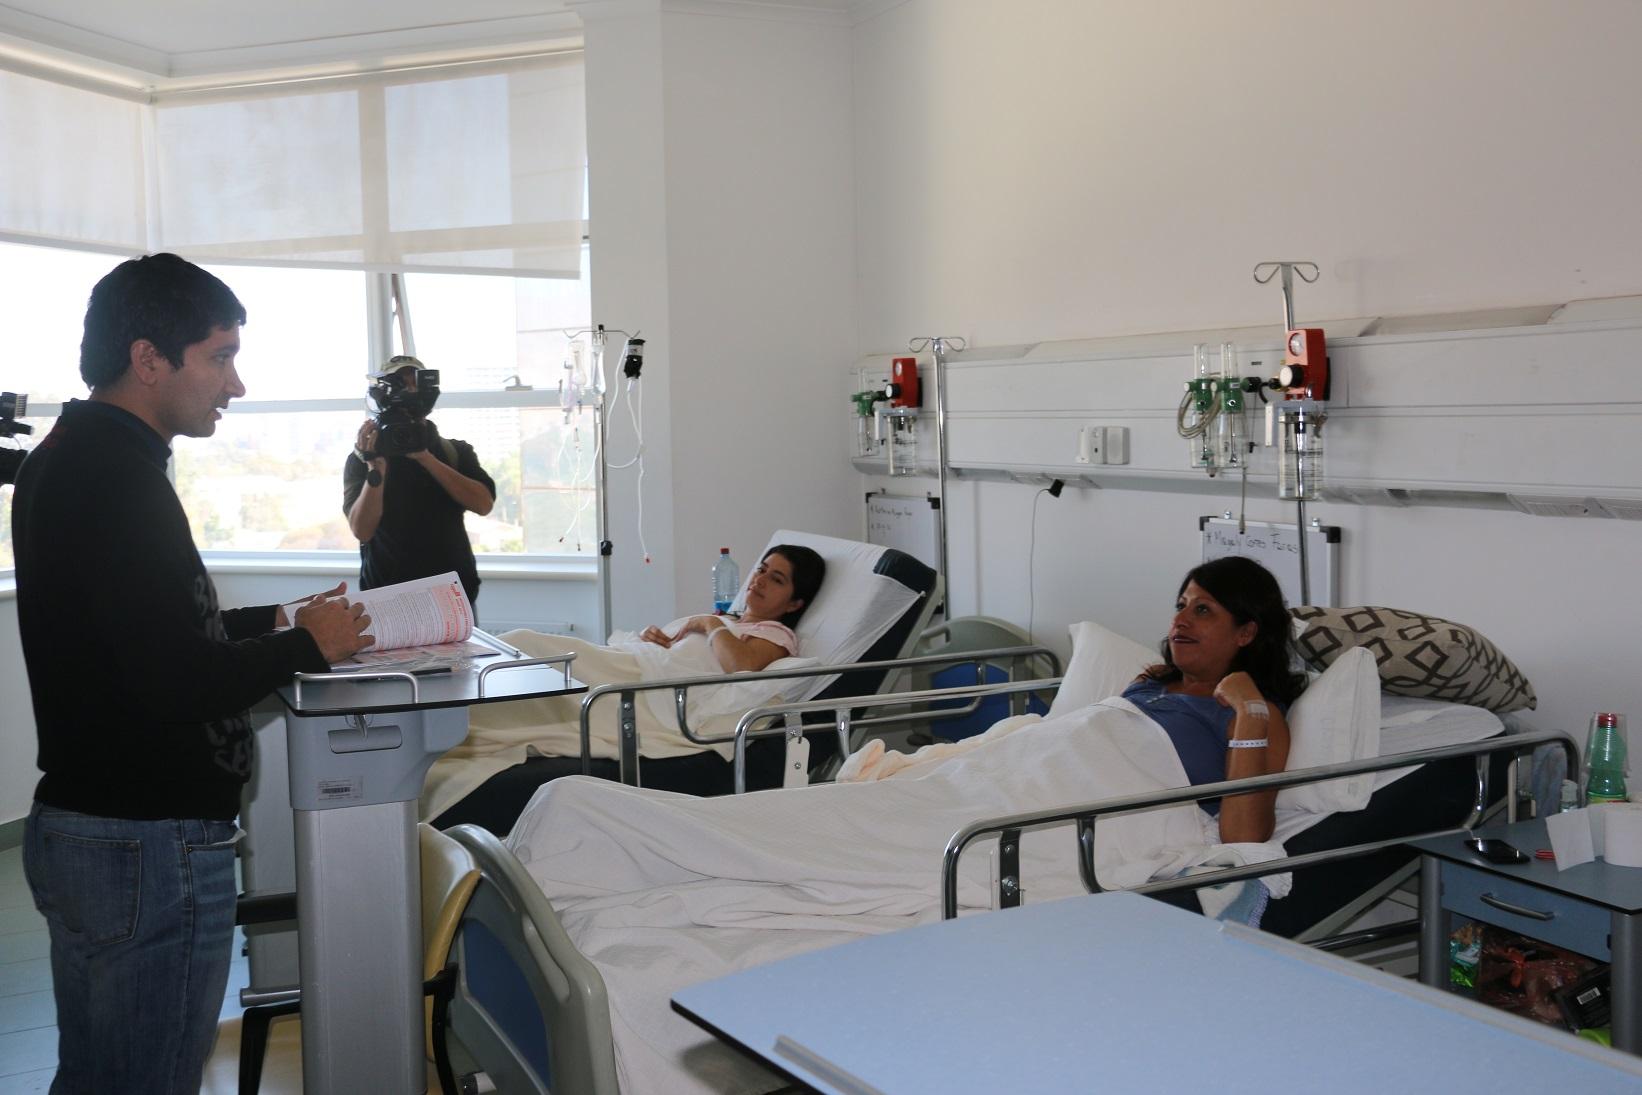 CON ÉXITO SE DESARROLLÓ CENSO EN HOSPITALES DE LA REGIÓN